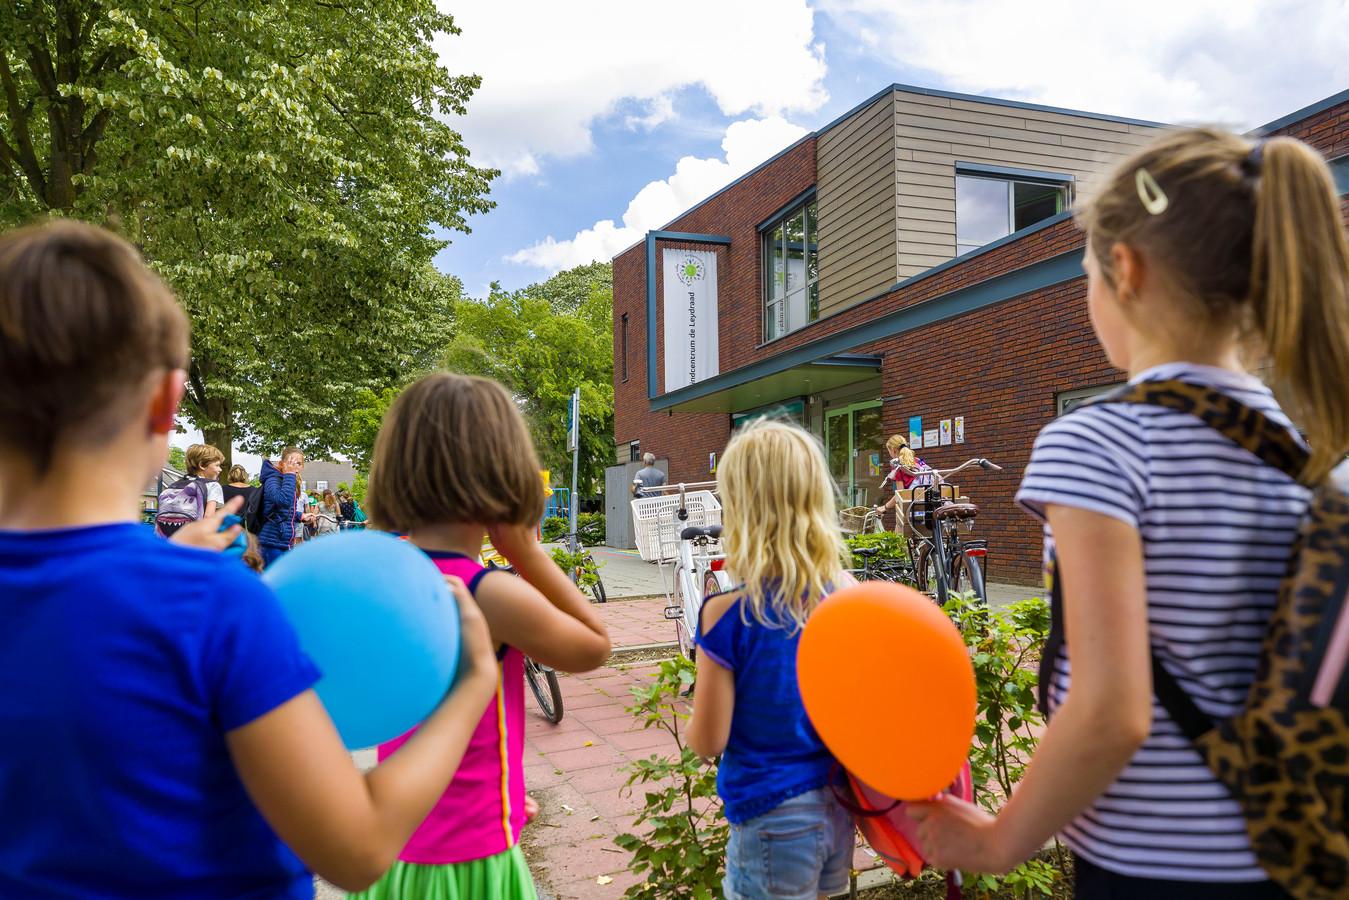 De gemeente wil op het dakterras van kindcentrum de Leydraad in Cromvoirt een nieuw klaslokaal bouwen.